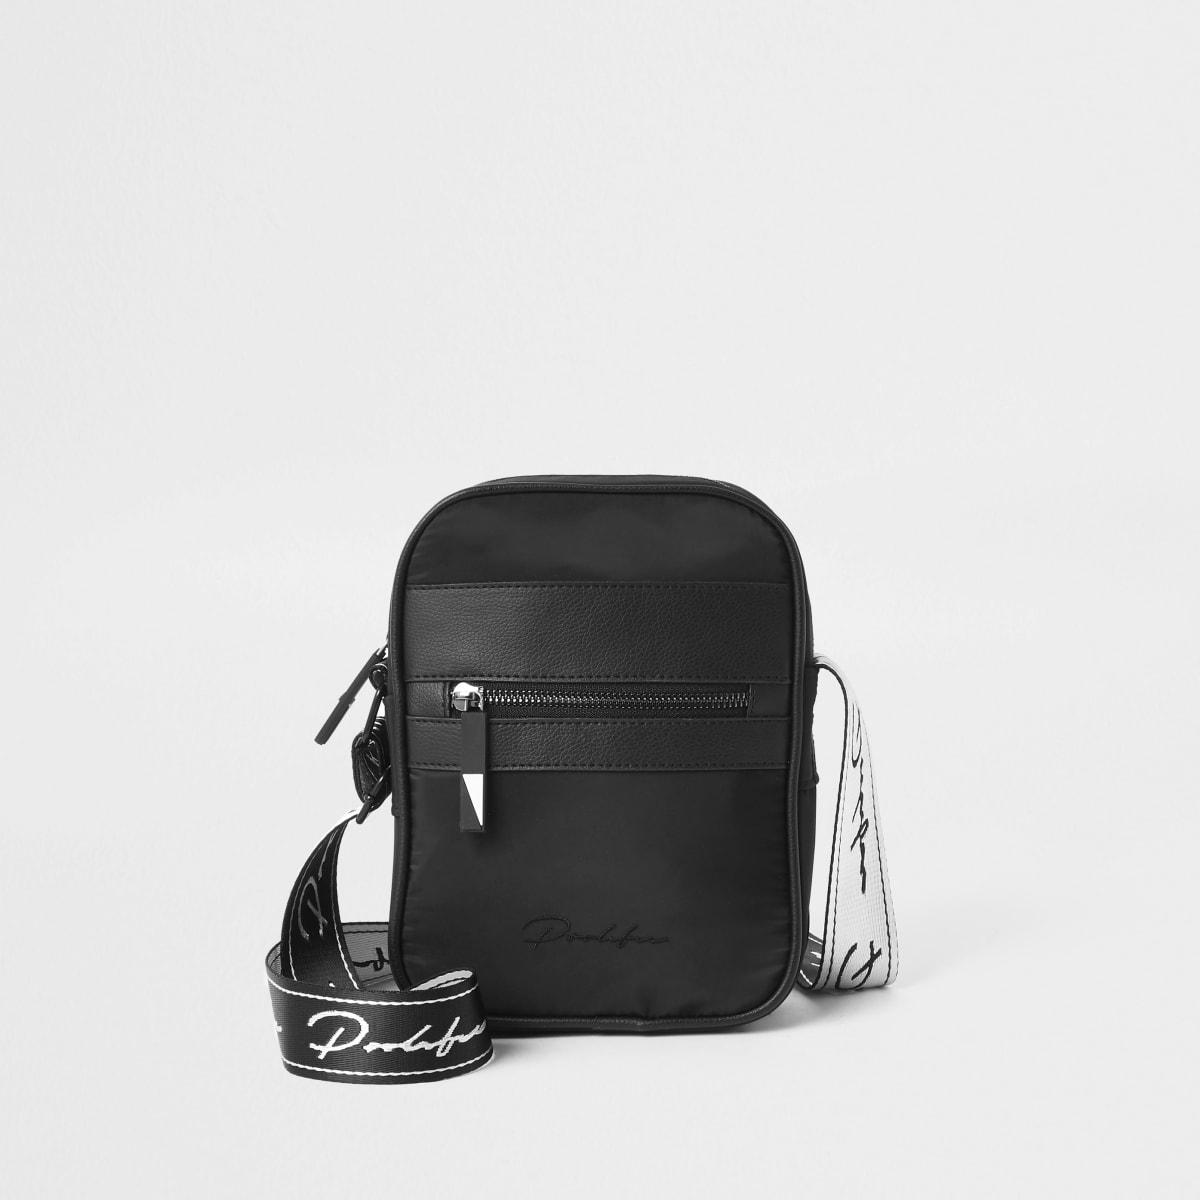 Prolific –Sac bandoulière noir